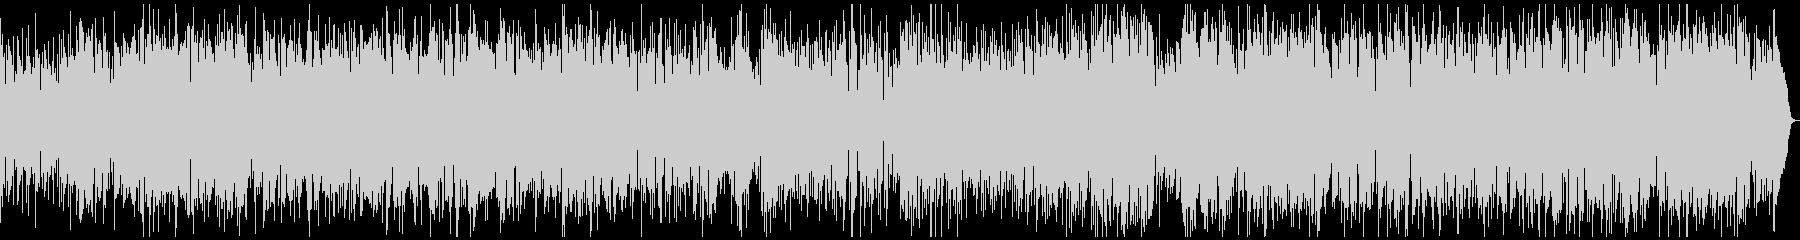 アップテンポな明るいボサノバの未再生の波形